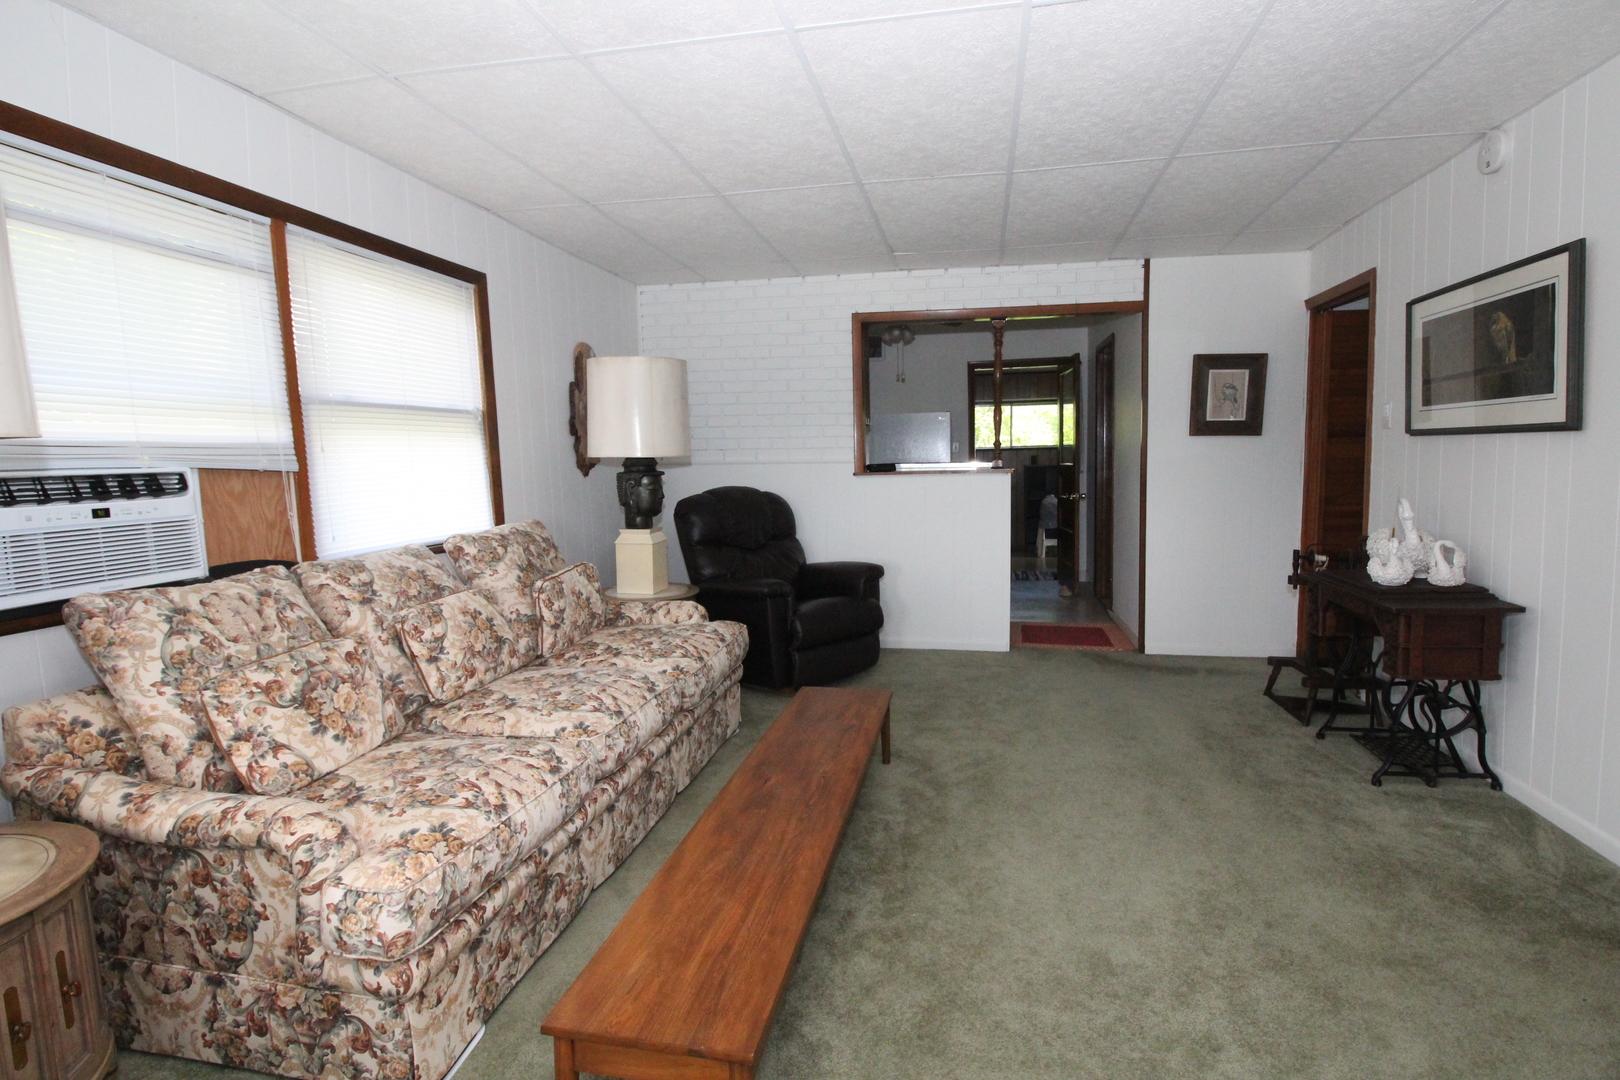 40831 North Champaign, ANTIOCH, Illinois, 60002